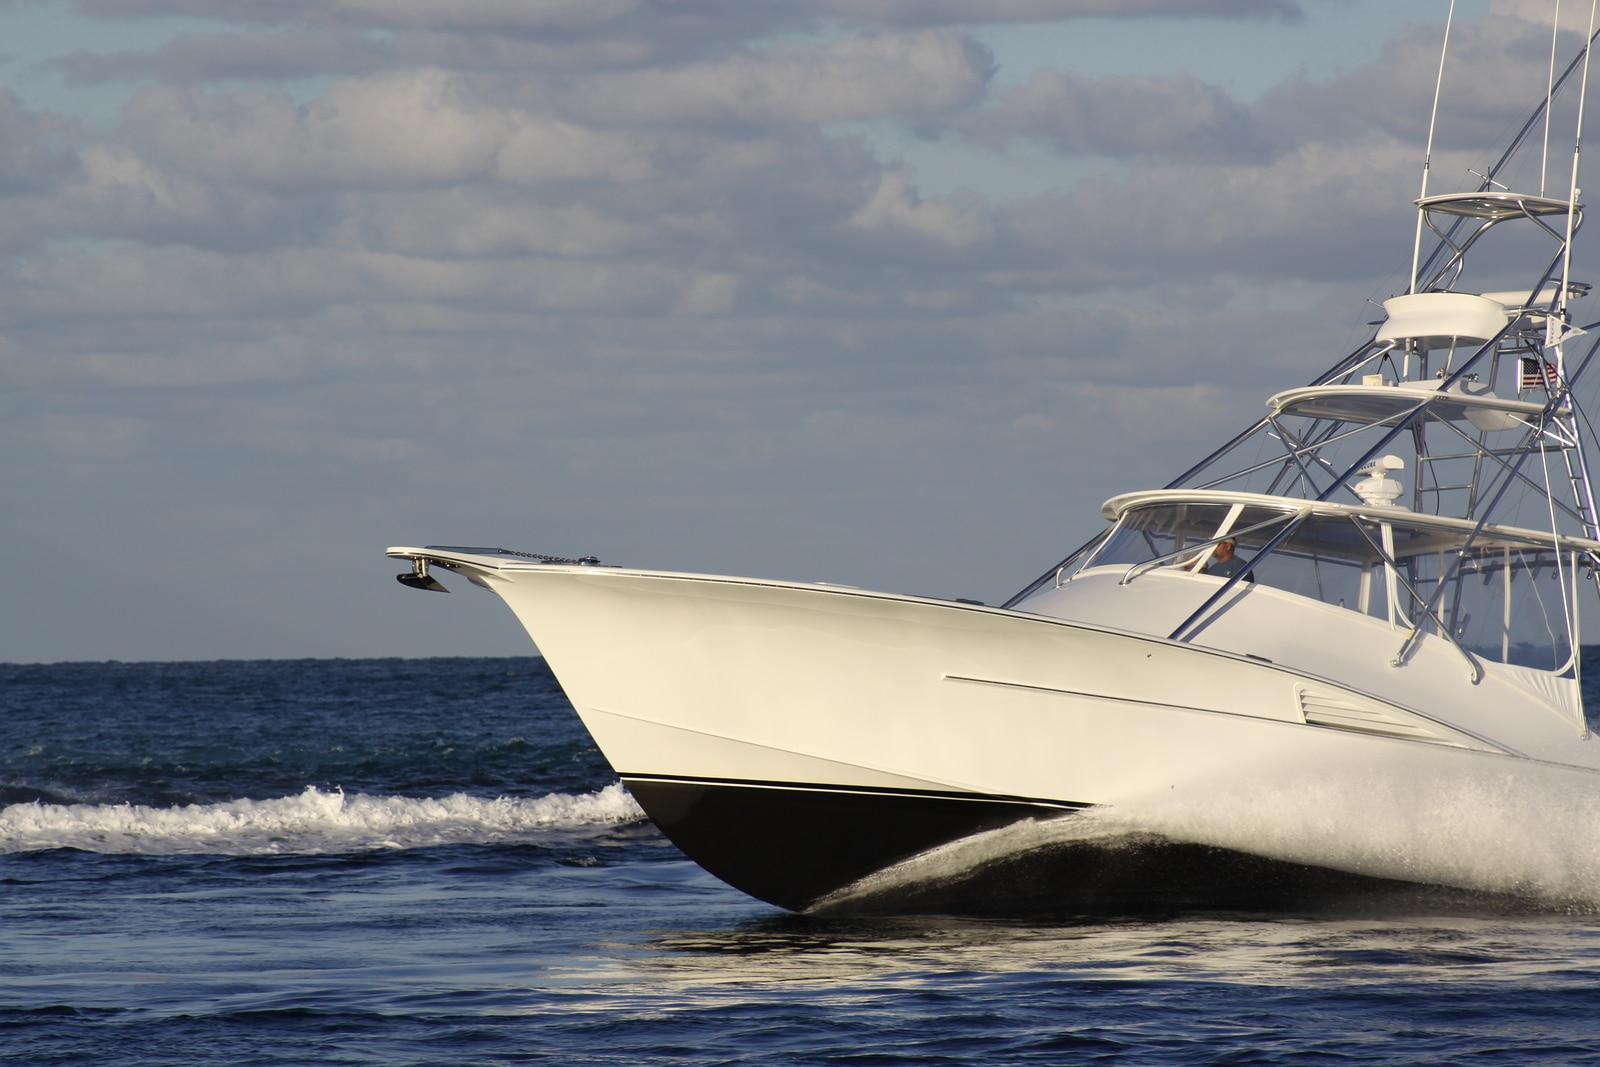 Averigüe por qué el mejor destino de pesca es Los Cabos con Marina Fiesta